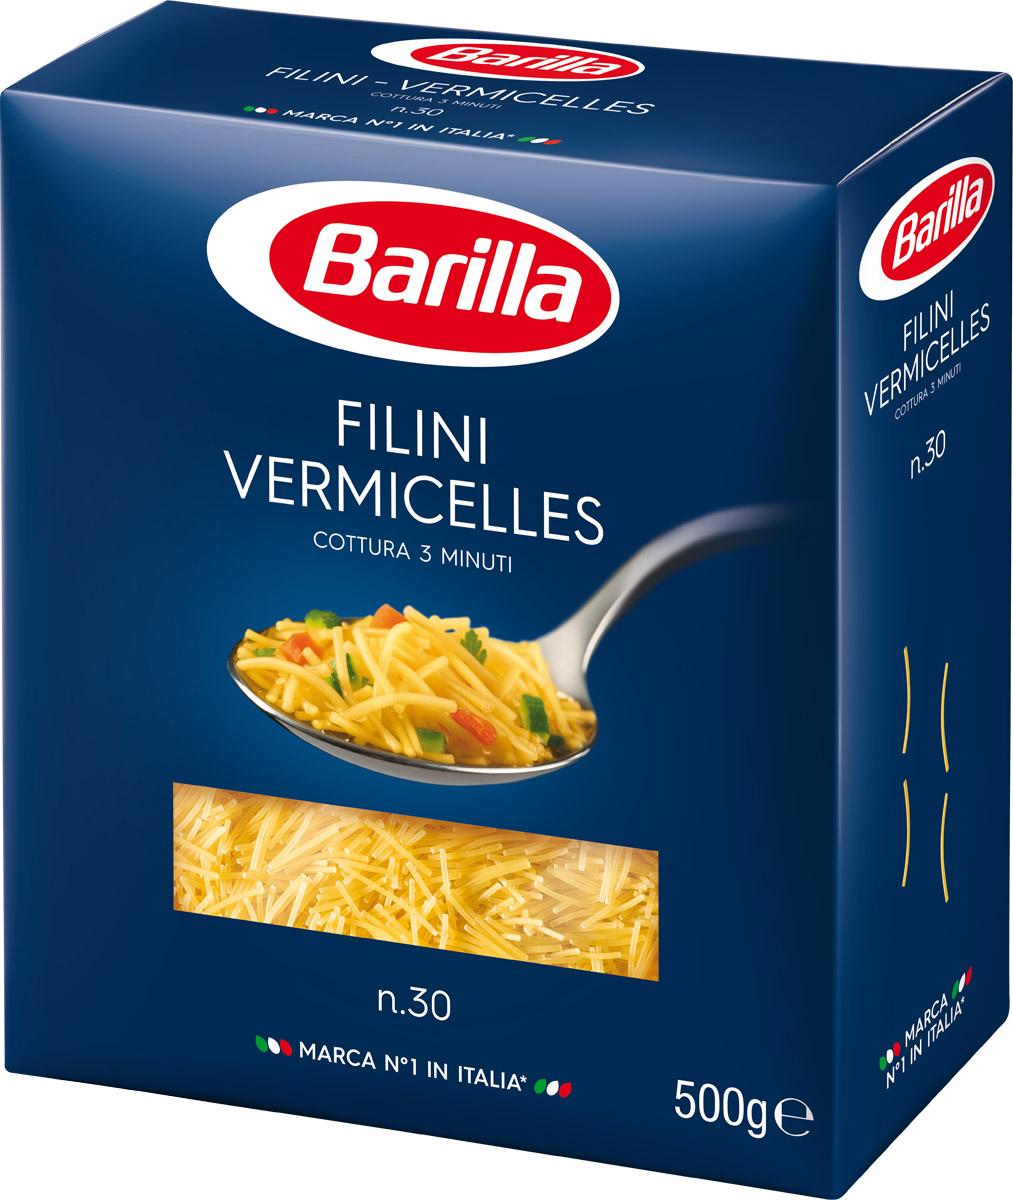 Barilla Filini филини паста, 500 г